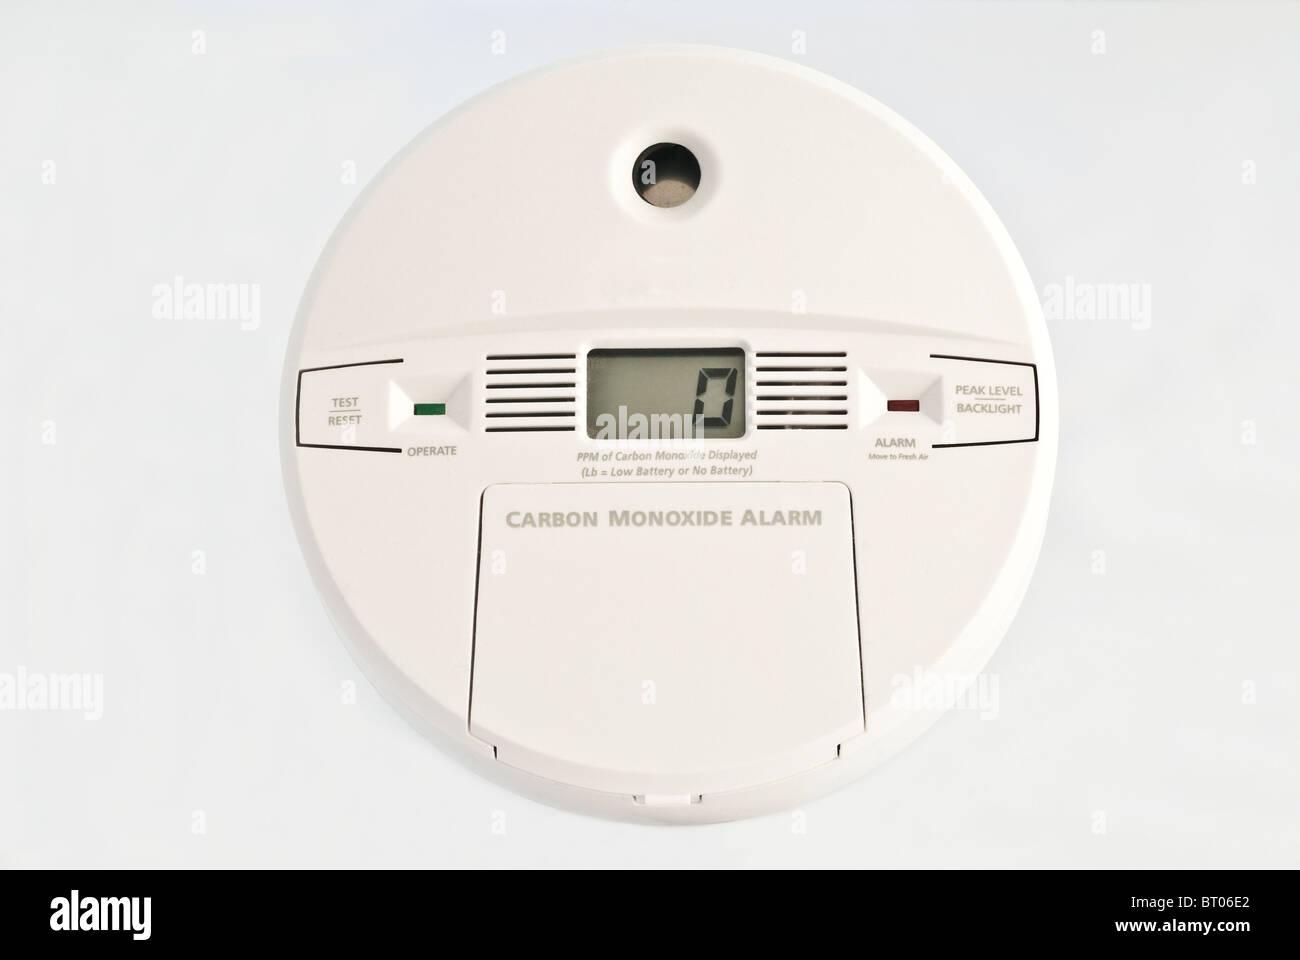 Carbon Monoxide Detector - Stock Image